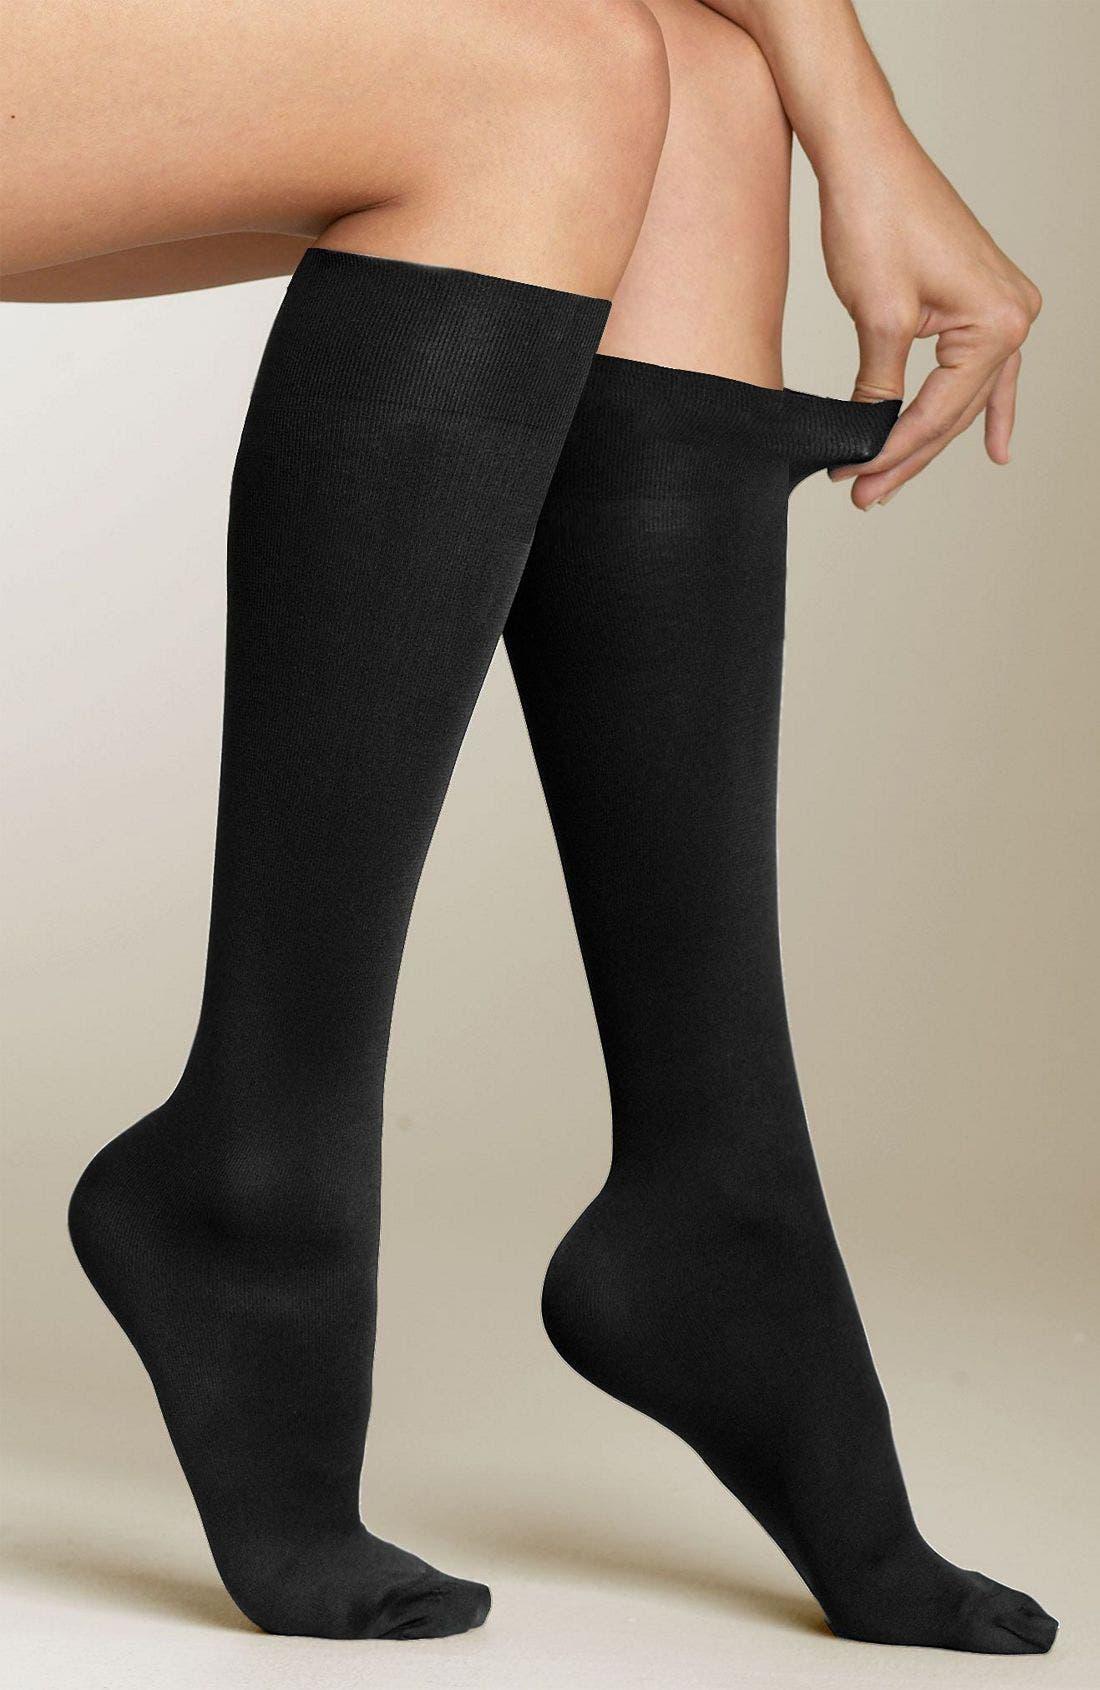 Alternate Image 1 Selected - SPANX® Topless Trouser Socks (2 for $25)